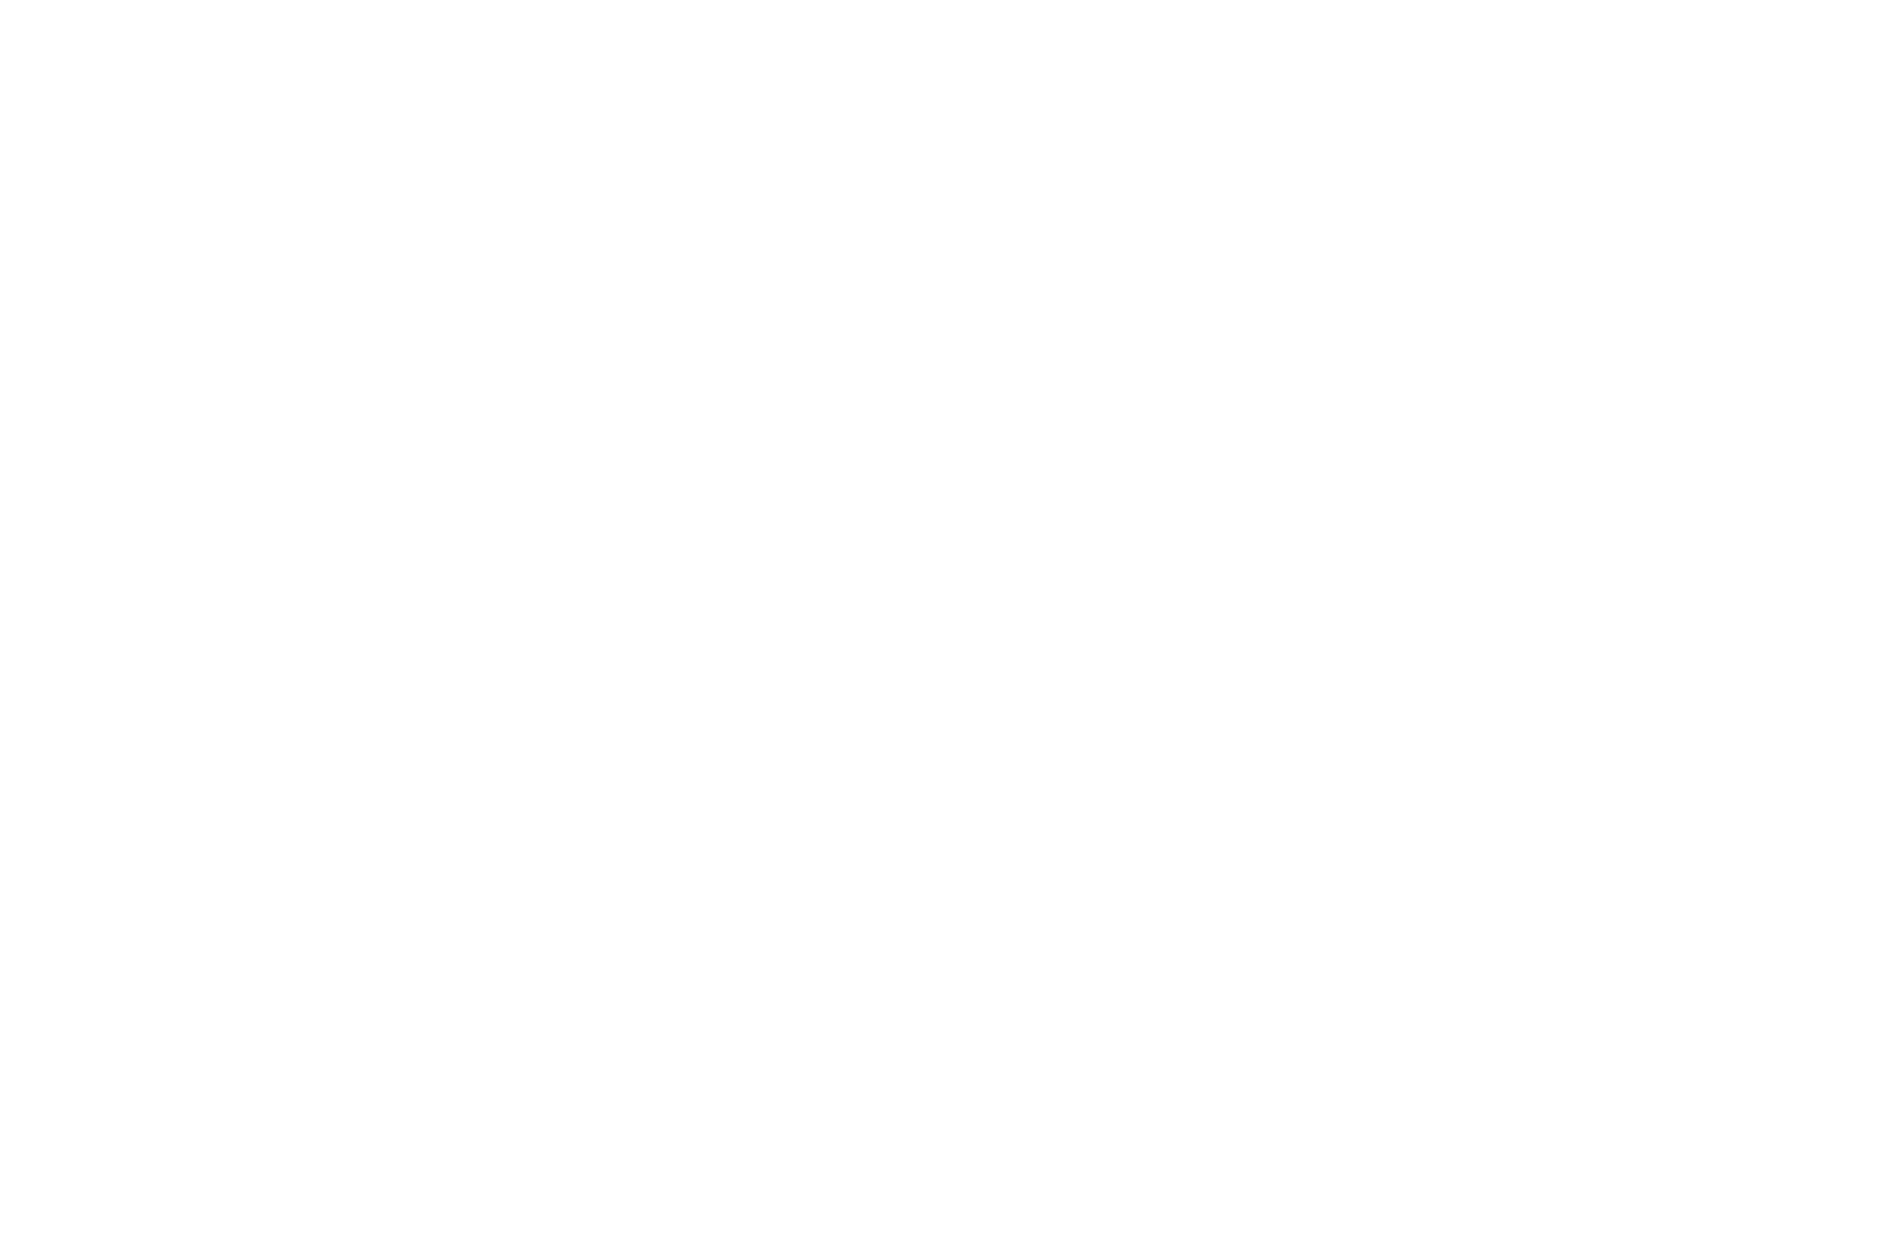 logos-finales-geotecnia-blanco